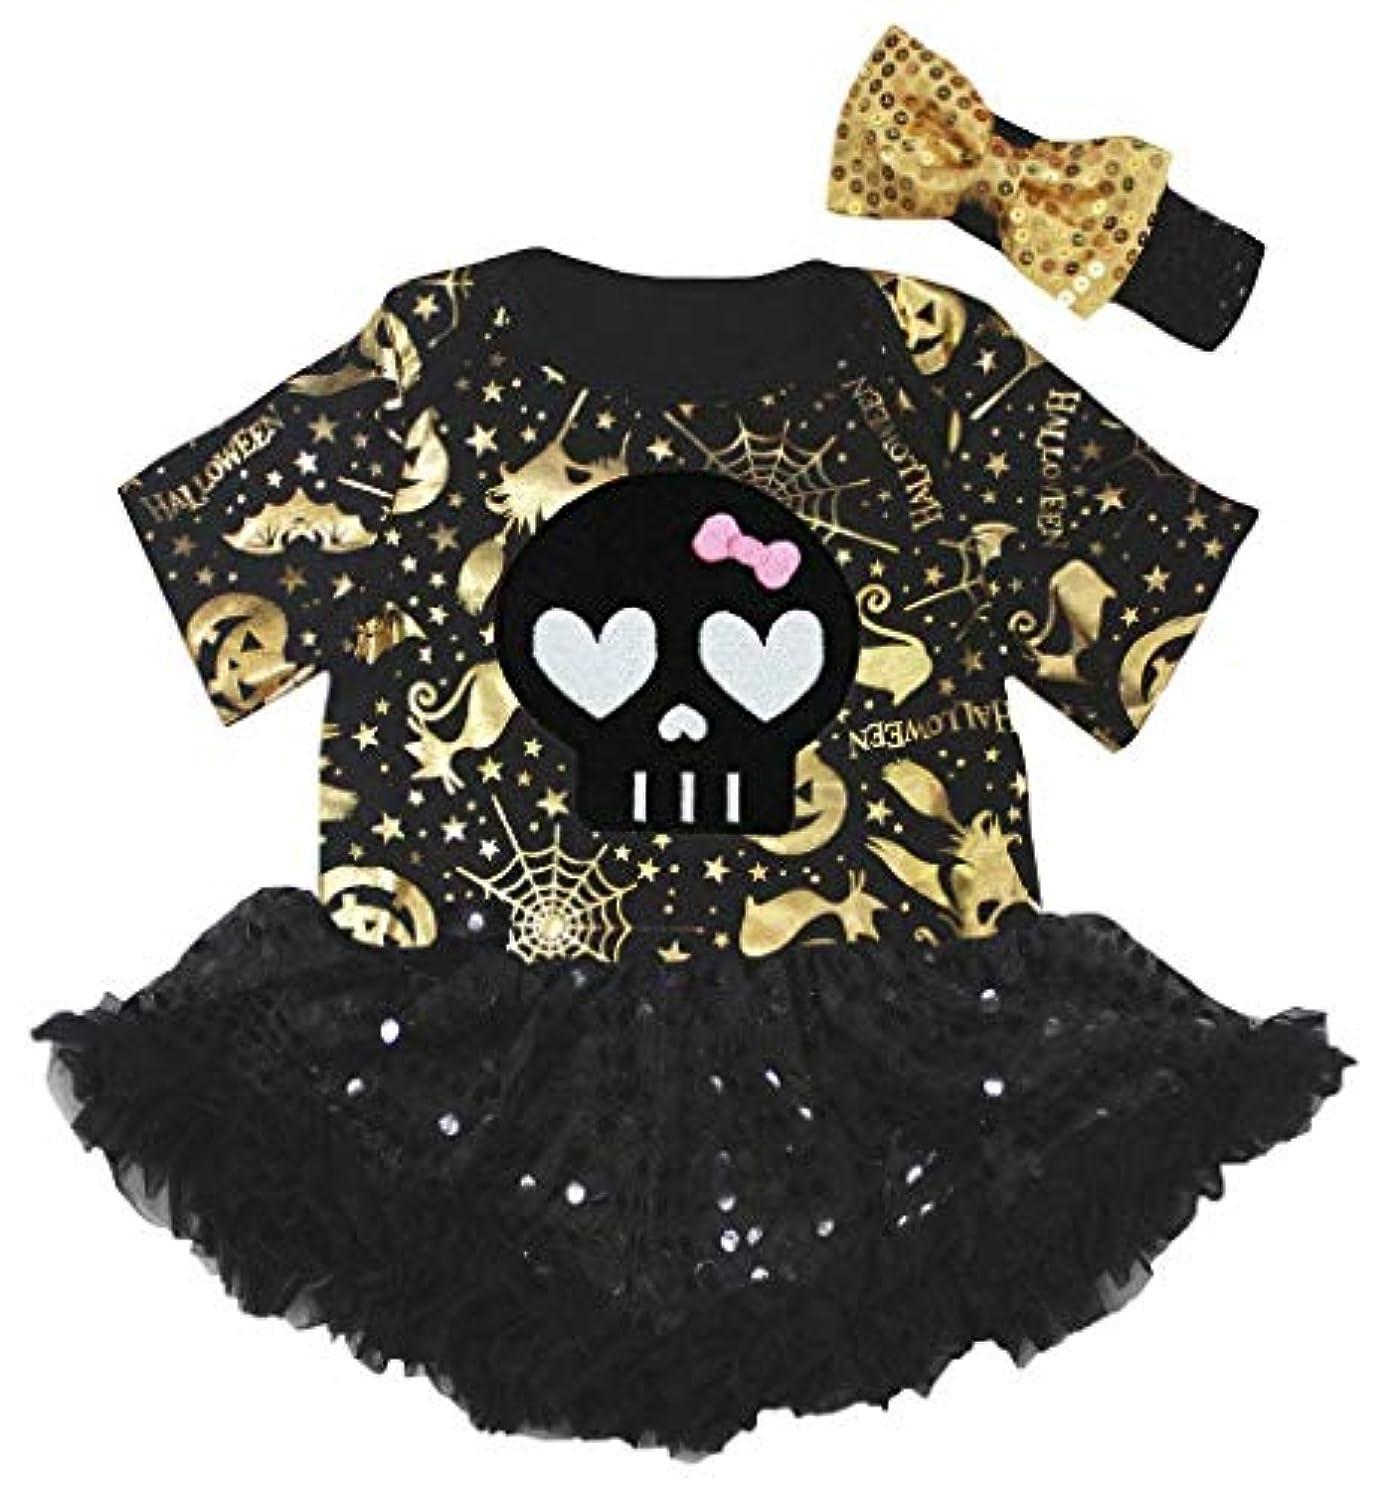 ケーブルカーケーブルカー借りる[キッズコーナー] ハロウィン Cute Skull ブラック ゴールド パンプキン 子供ボディスーツ、子供のチュチュ、ベビー服、女の子のワンピースドレス Nb-18m (ブラック, X-Large) [並行輸入品]